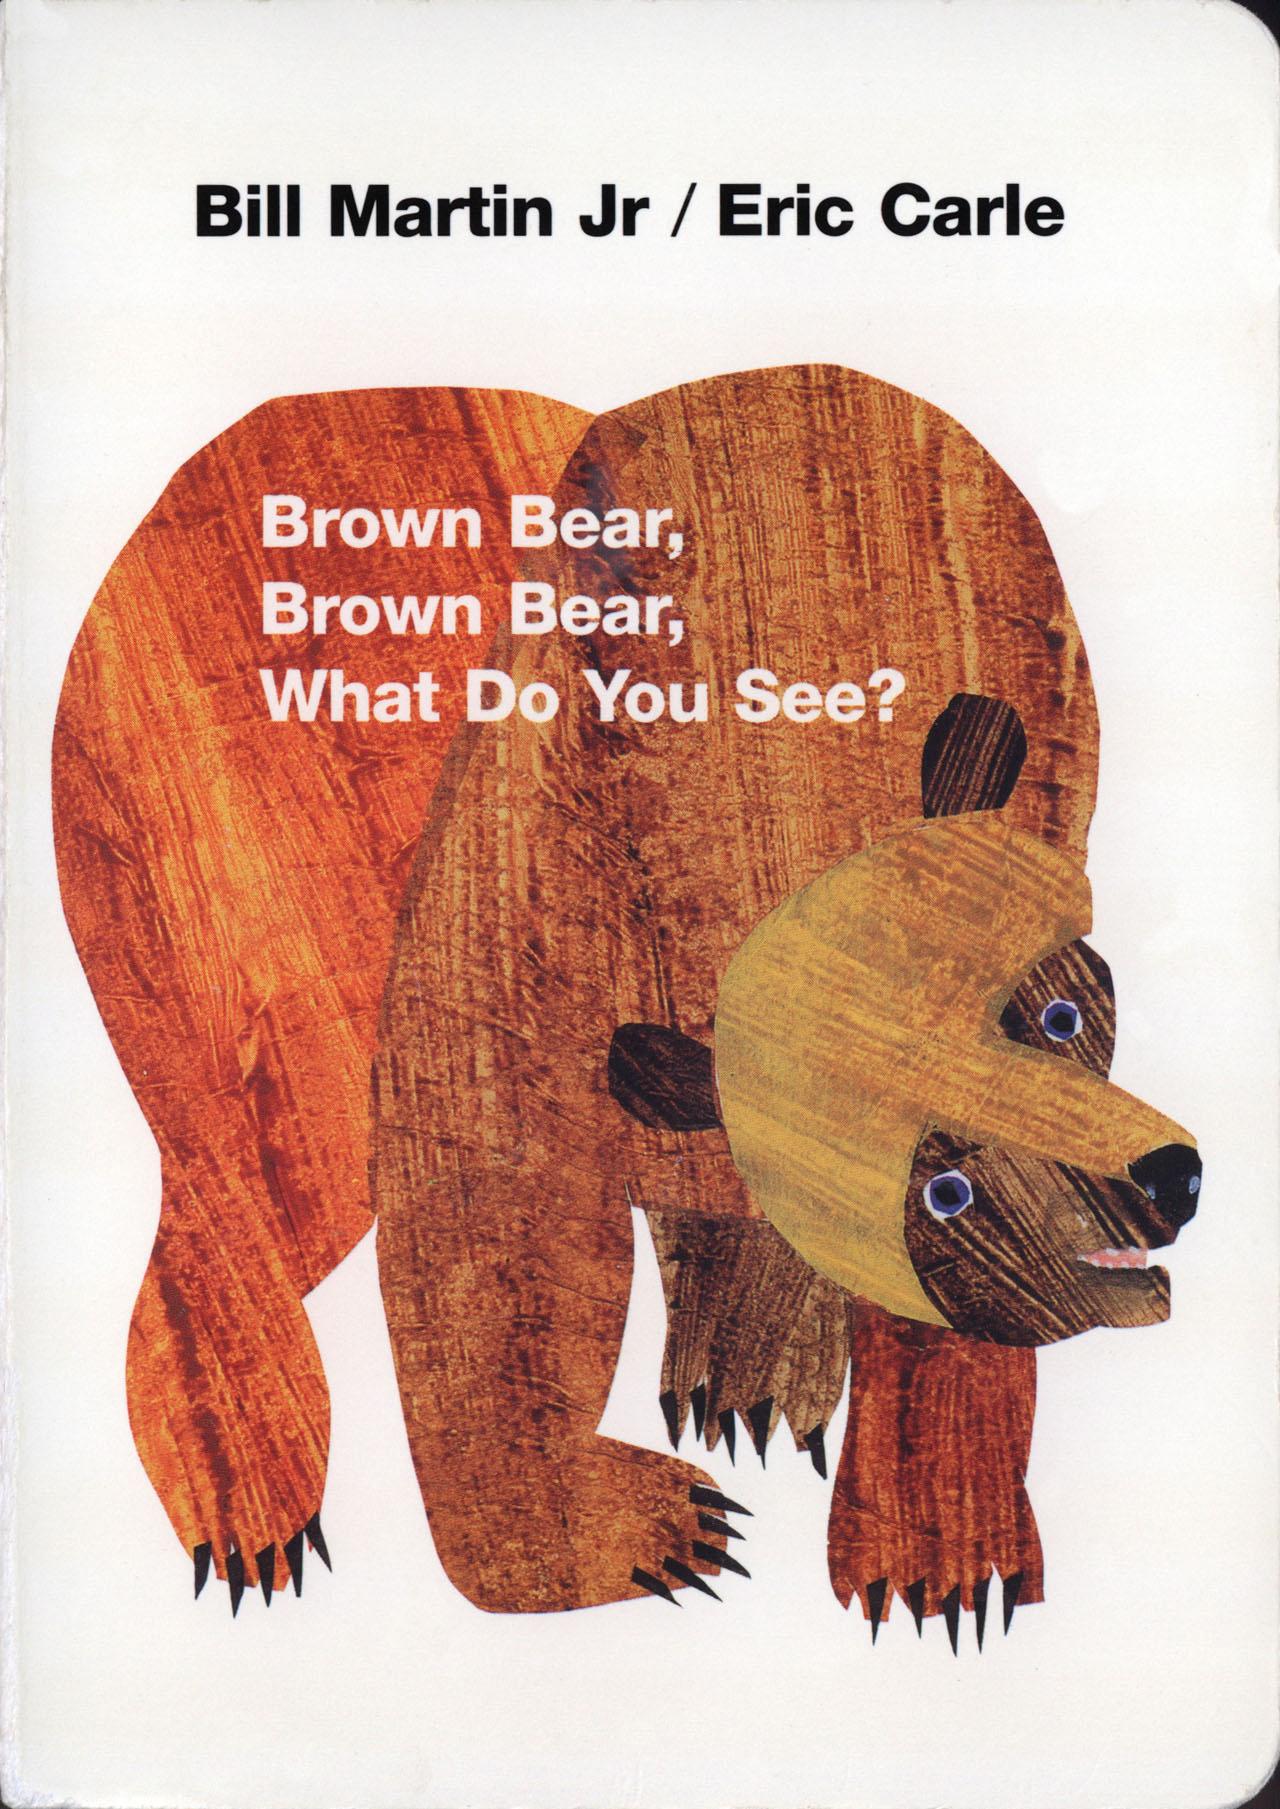 英文童谣 | 棕熊棕熊,你看到什么